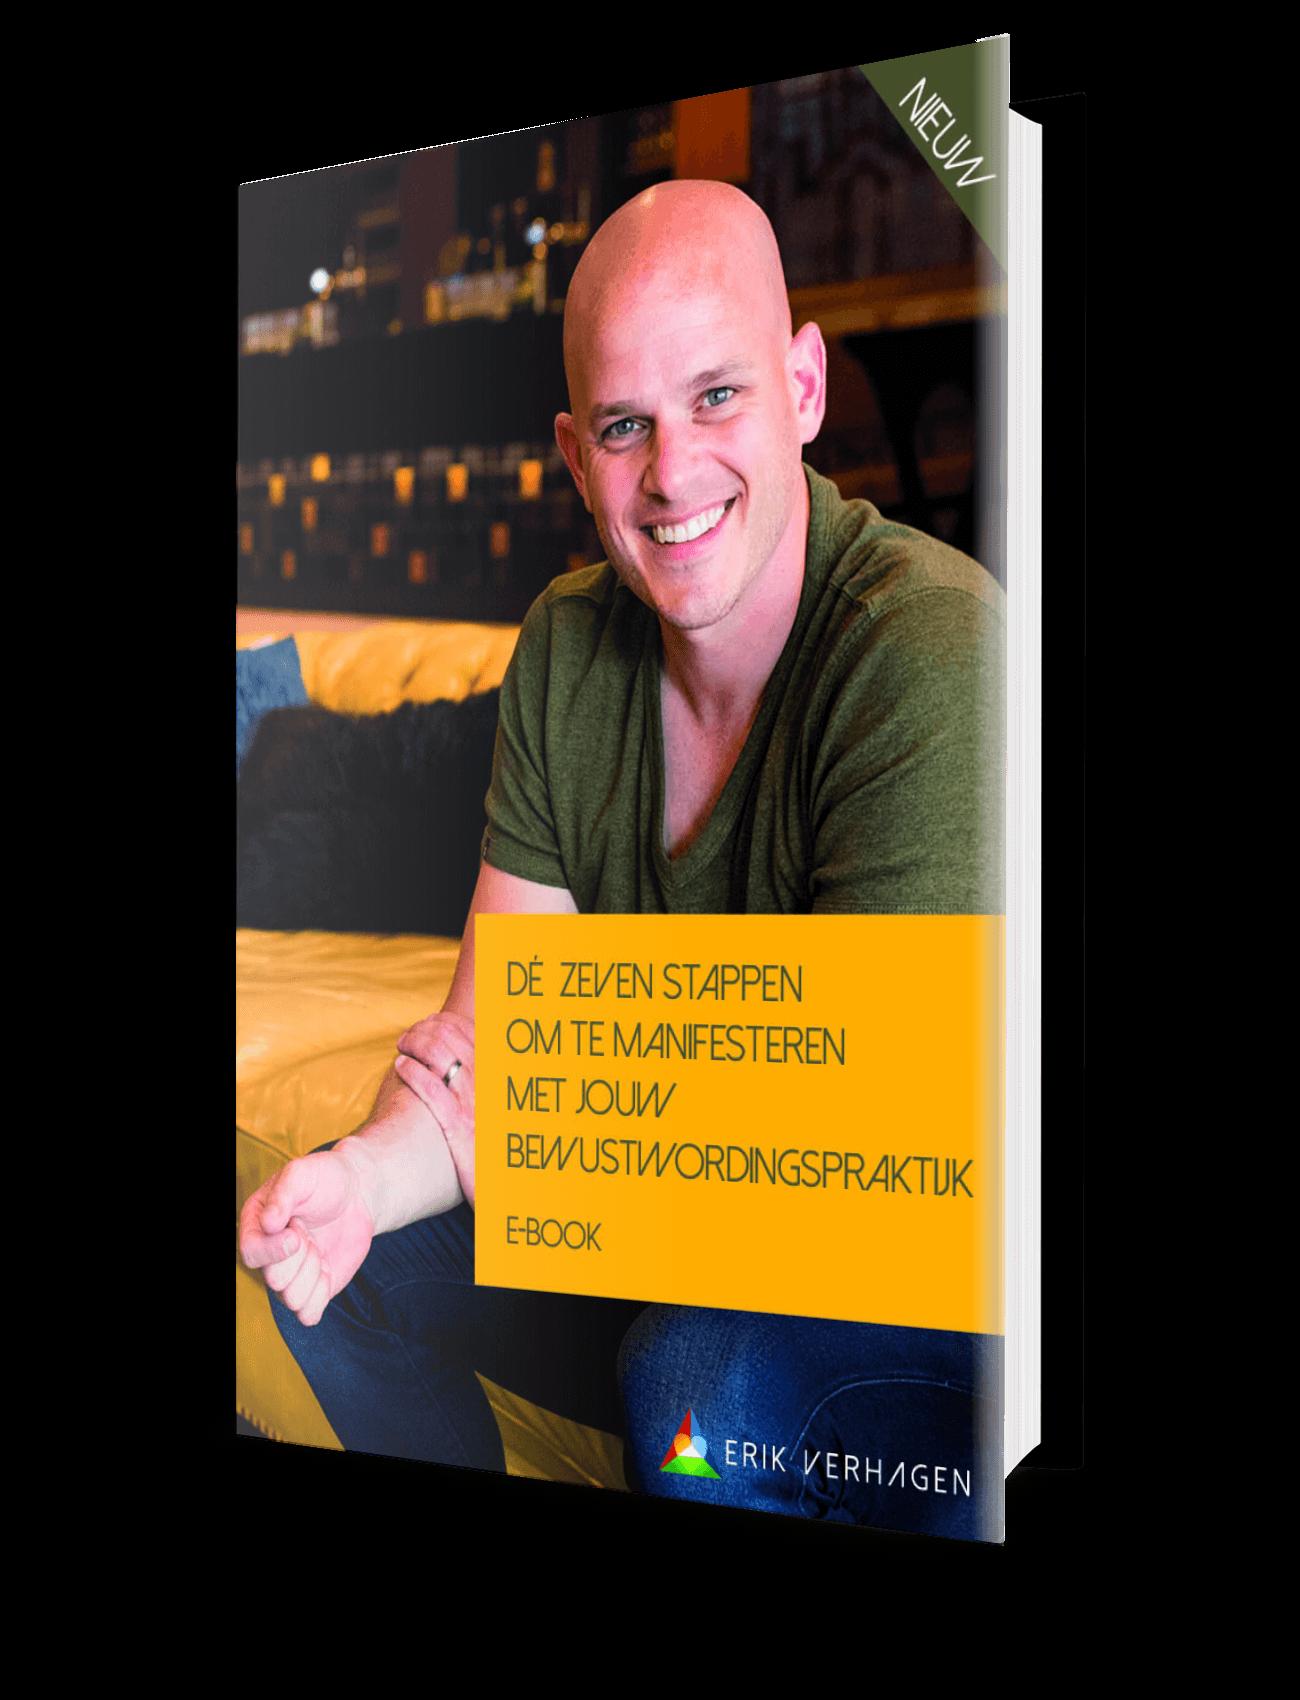 ebook 7 stappen manifesteren 2 1